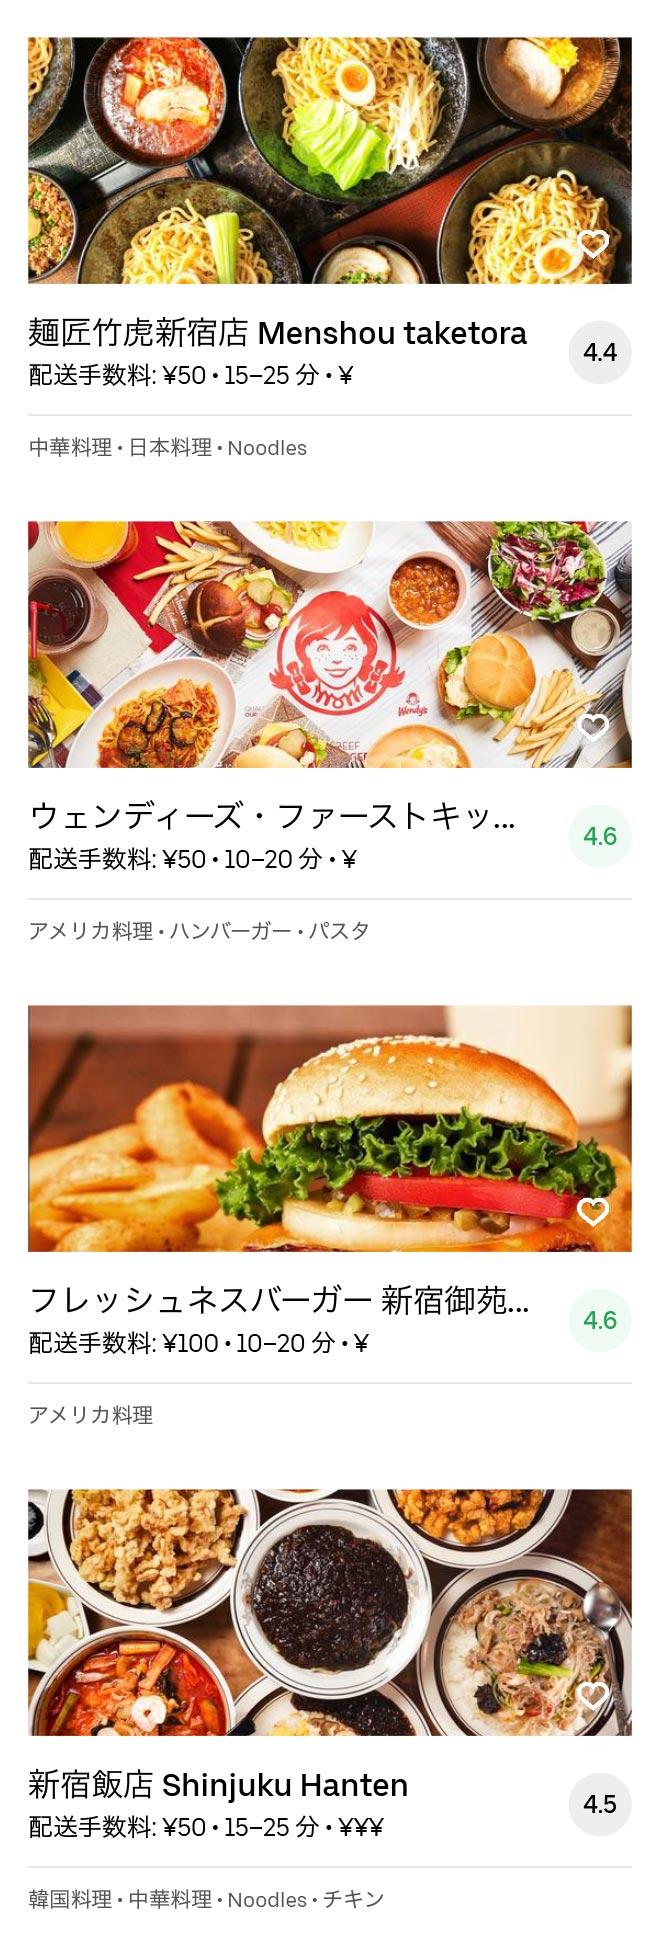 Tokyo shonjuku menu 2005 10